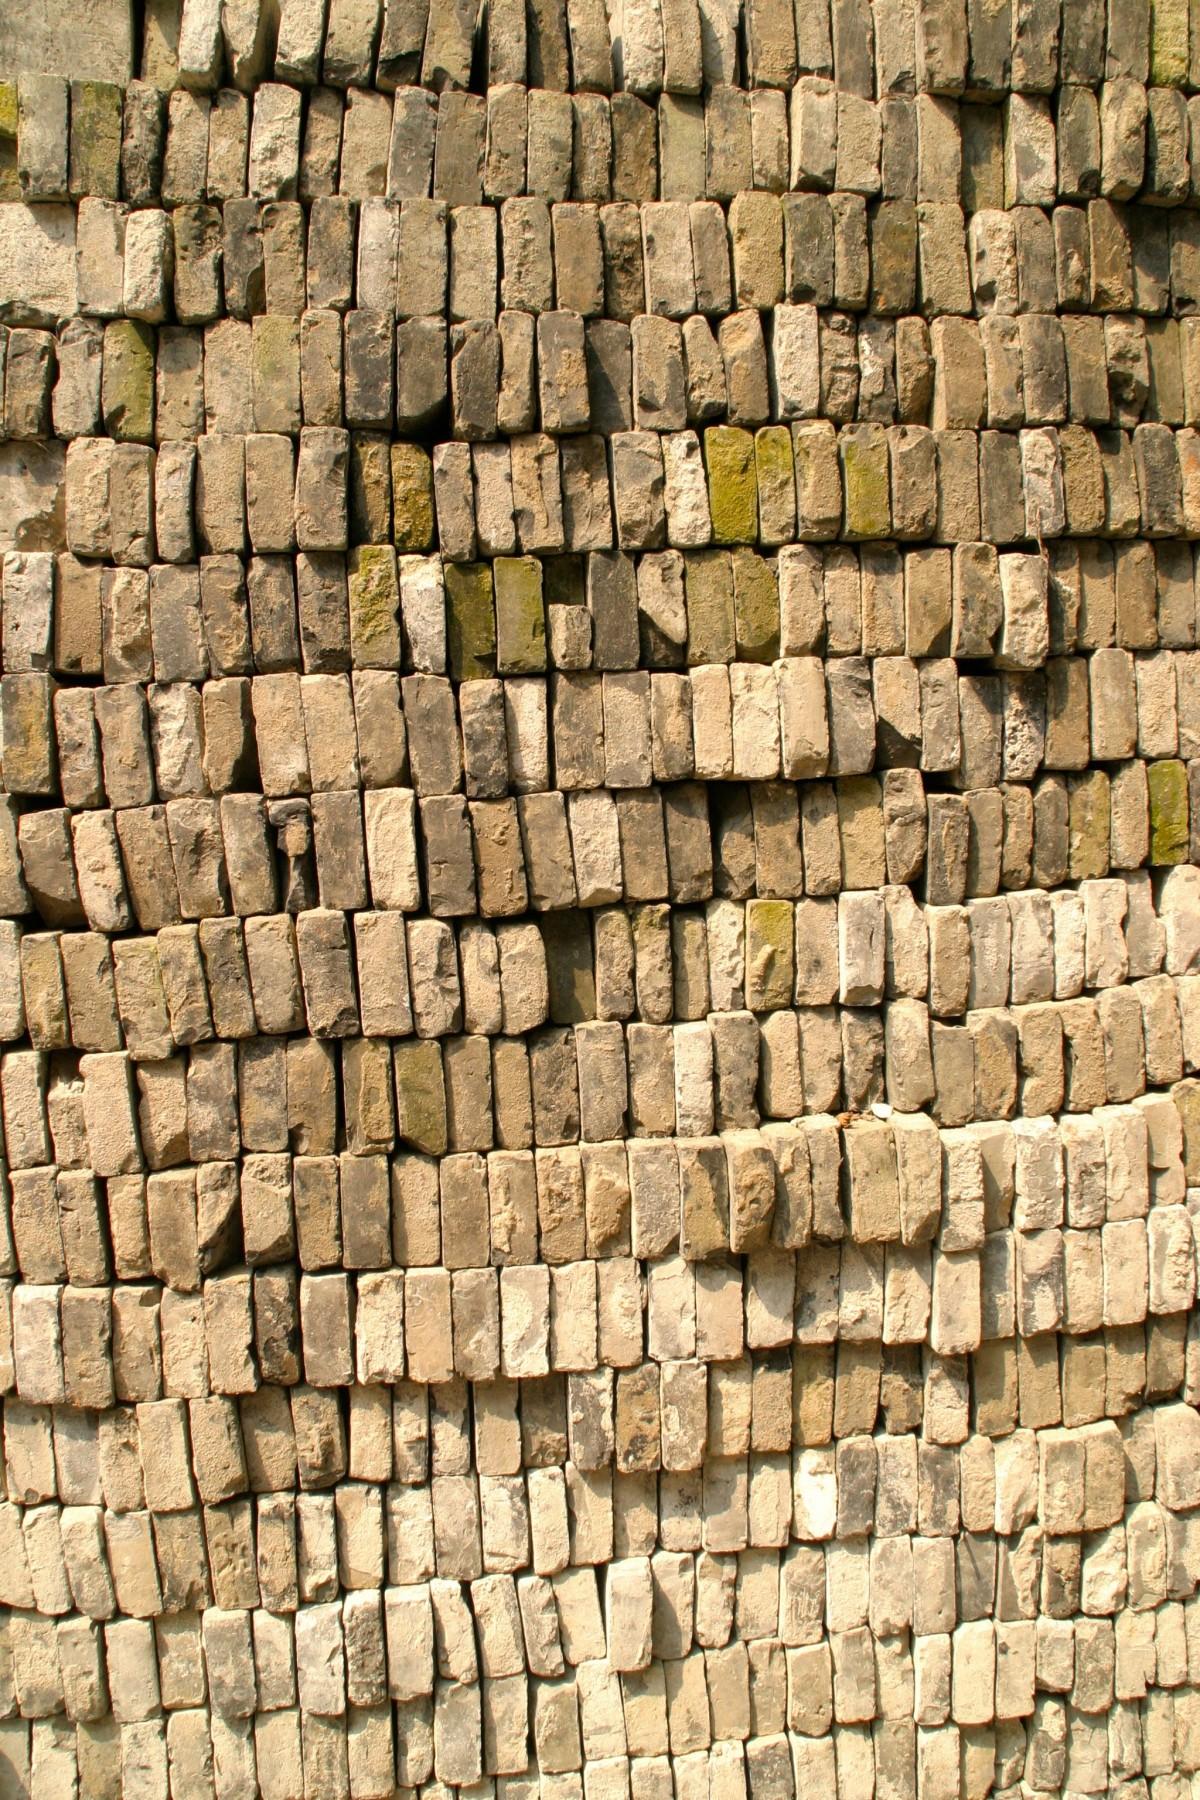 images gratuites bois texture sol pav mod le mur de pierre brique mat riel art. Black Bedroom Furniture Sets. Home Design Ideas